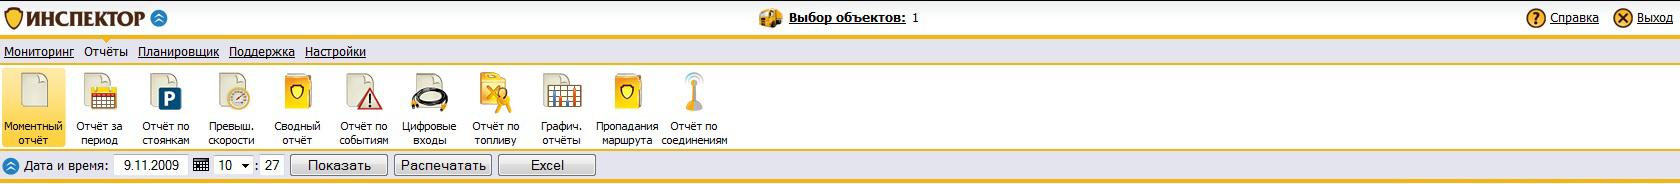 Reports_Menu